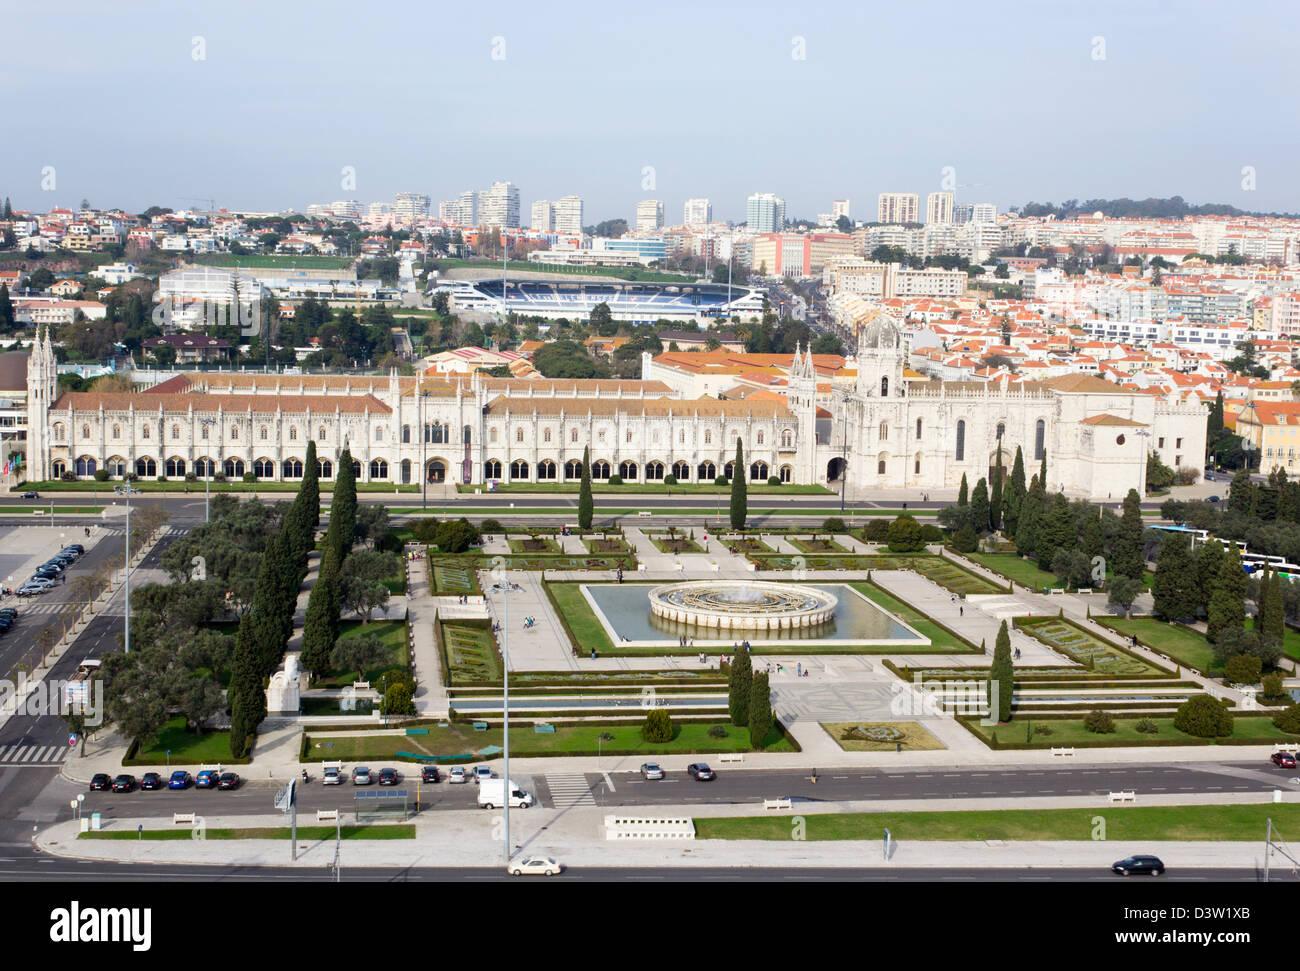 Lisbon, Portugal. View from the top of Padrão dos Descobrimentos, - Stock Image